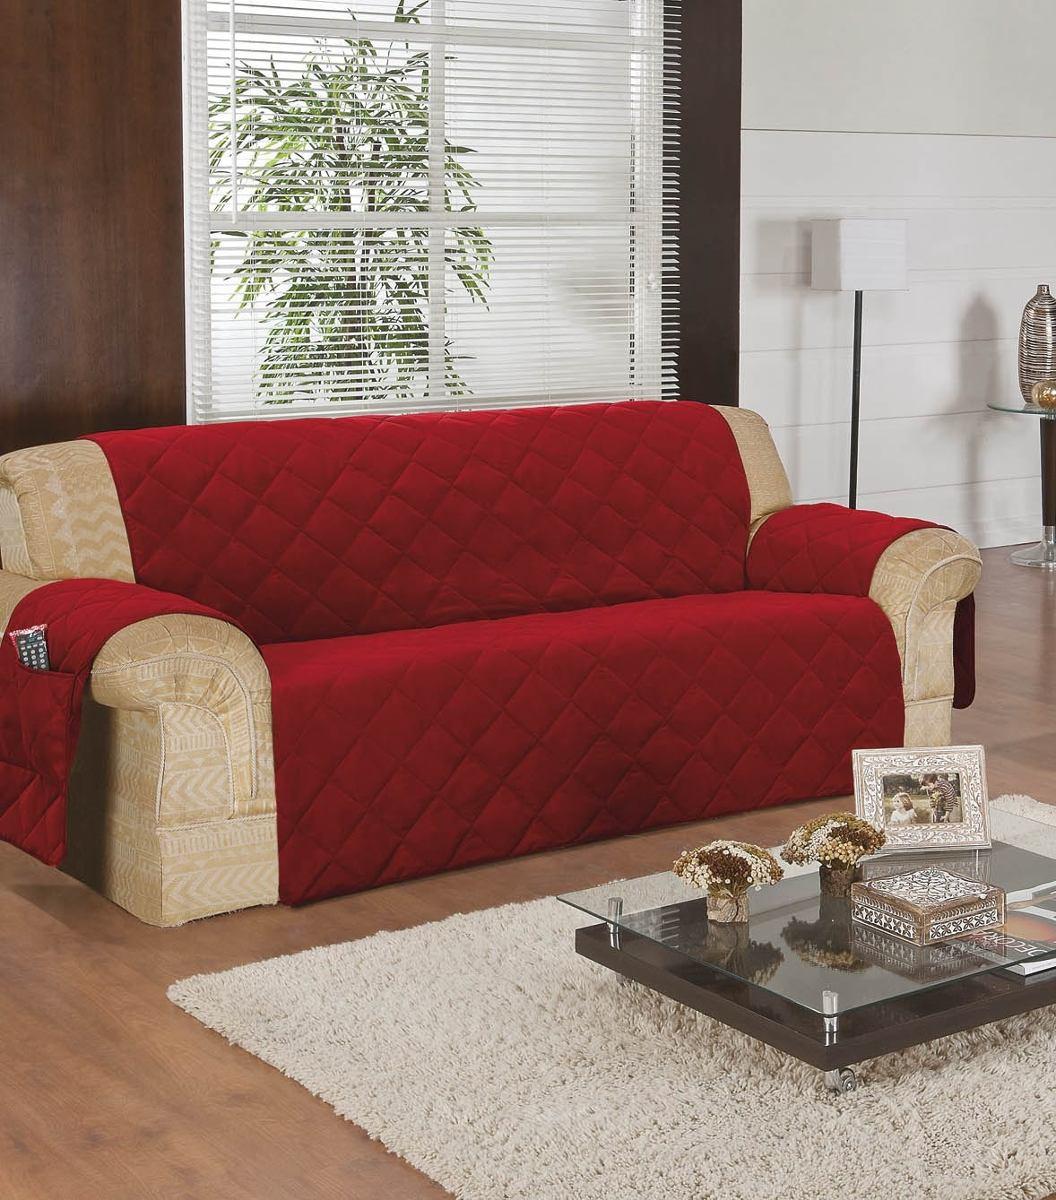 ver sofas no olx do es crate and barrel sectional sofa sale protetor capa para de 4 lugares com assento 2 20m